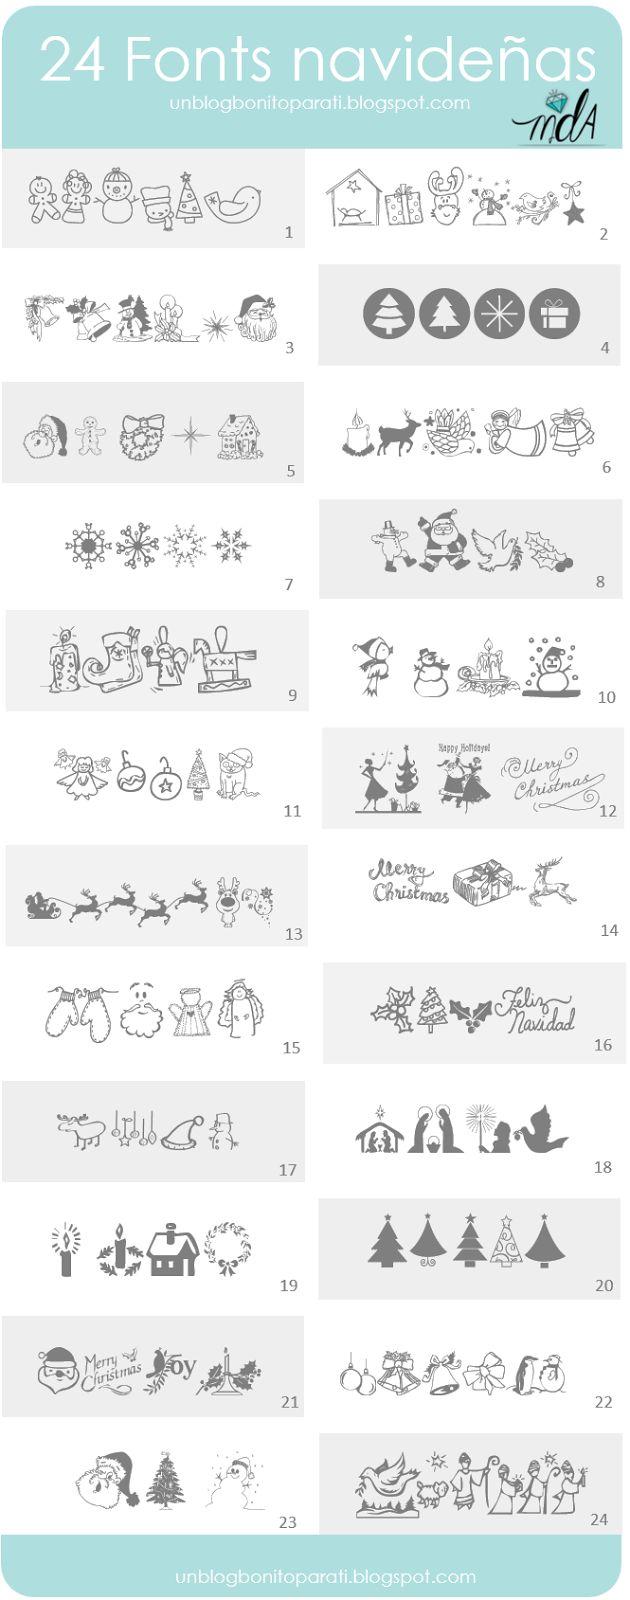 Diseño de blogs: Tipos de letras navideñas para hacer cartelitos y etiquetas